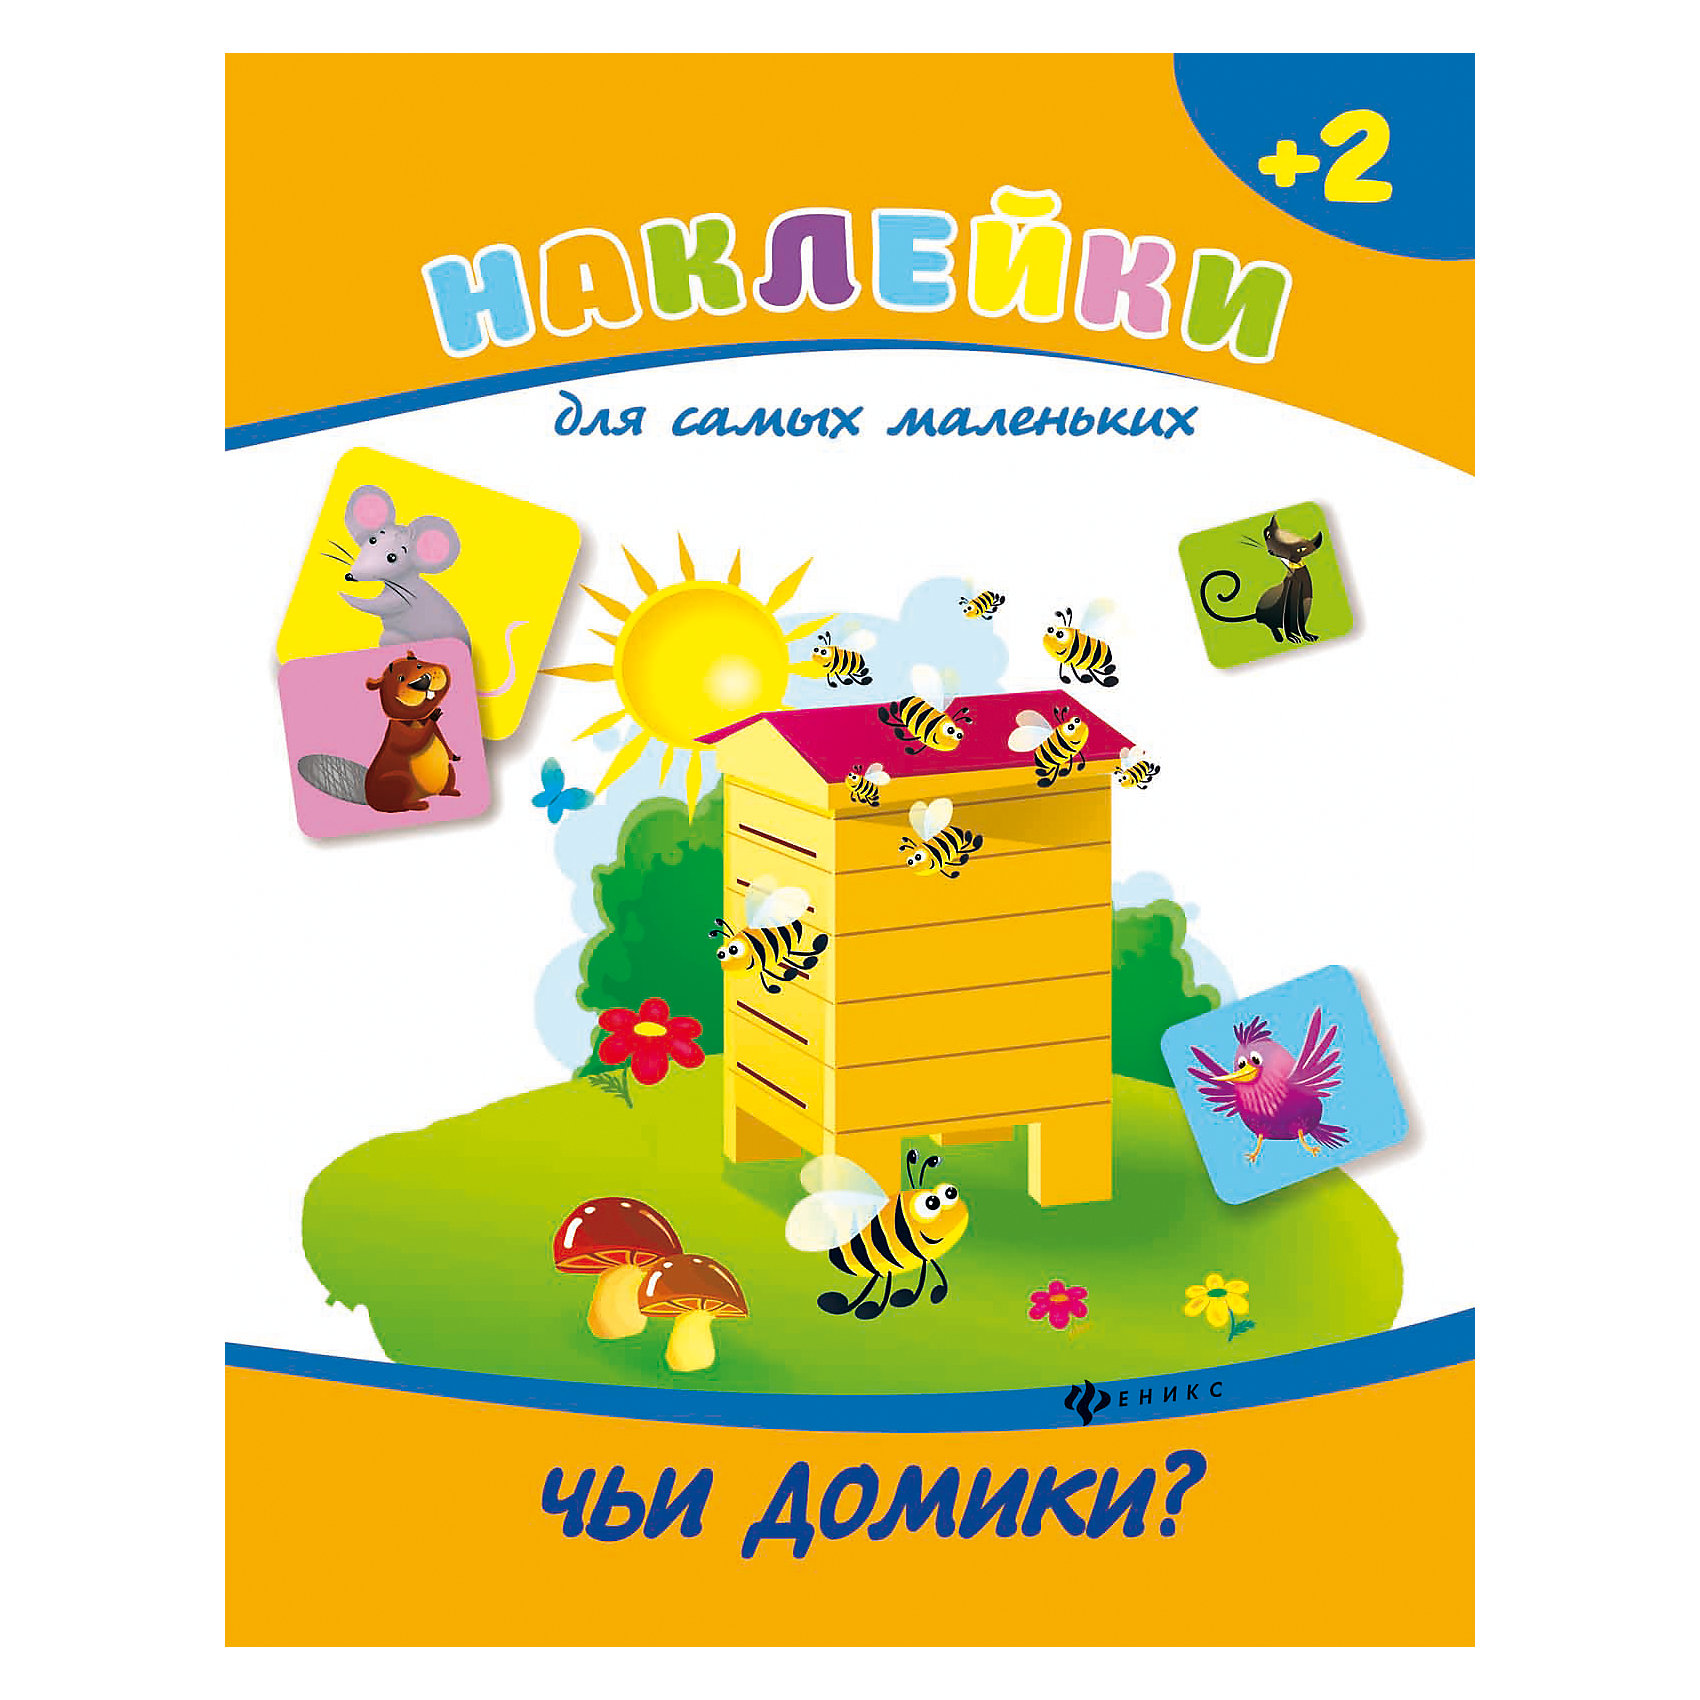 Чьи домики?Книжки с наклейками<br>Характеристики товара: <br><br>• ISBN: 978-5-222-25273-4; <br>• возраст: от 2 лет;<br>• формат: 84*108/16; <br>• бумага: мелованная; <br>• иллюстрации: цветные; <br>• серия: Наклейки для самых маленьких;<br>• издательство: Феникс; <br>• автор: Белых Виктория Алексеевна;<br>• редактор: Фоминичев Антон;<br>• количество страниц: 8; <br>• размер: 26х20х0,2 см;<br>• вес: 70 грамм.<br><br>На каждой странице книги «Чьи домики?» содержится информация о домиках животных. Чтобы закрепить полученные знания, малыш сможет выполнить задания и приклеить нужные наклейки. Задания способствуют развитию моторики рук, аккуратности и логического мышления. <br><br>Книгу «Чьи домики?», Феникс можно купить в нашем интернет-магазине.<br><br>Ширина мм: 260<br>Глубина мм: 200<br>Высота мм: 1<br>Вес г: 64<br>Возраст от месяцев: 12<br>Возраст до месяцев: 60<br>Пол: Унисекс<br>Возраст: Детский<br>SKU: 5120123